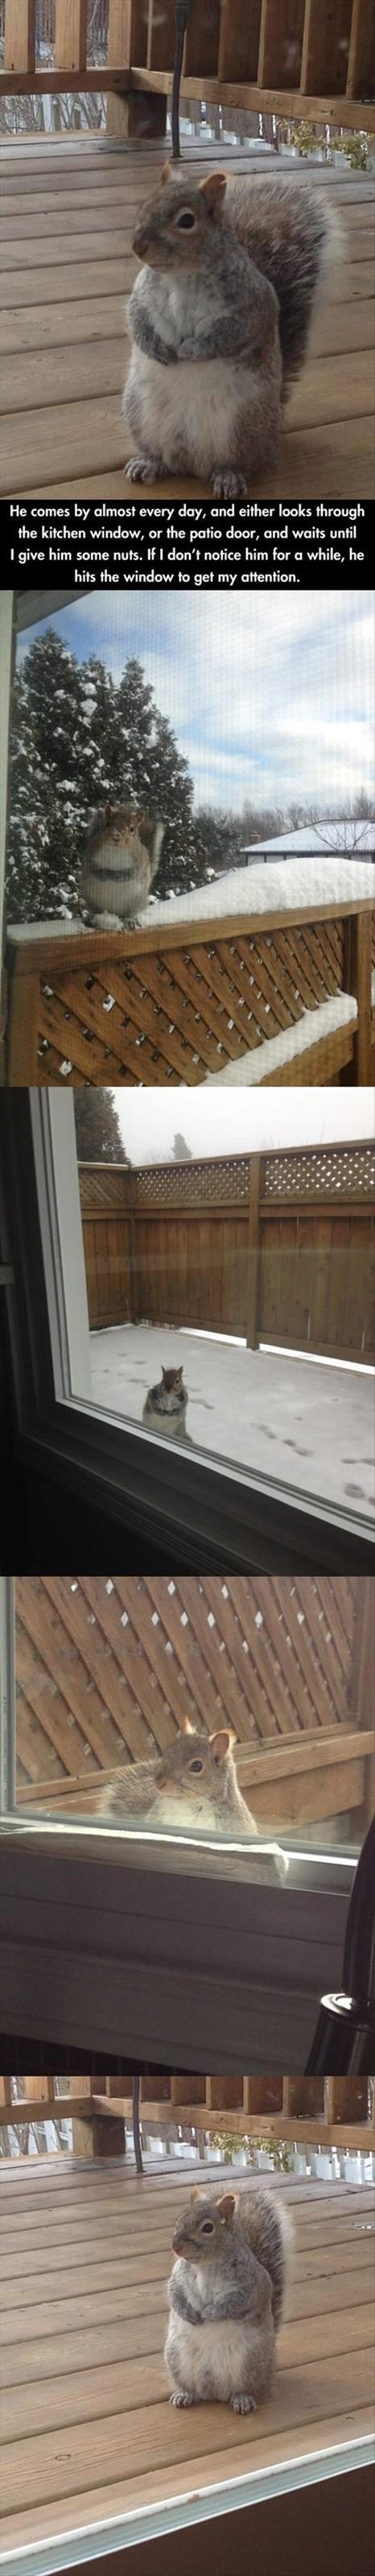 cute squirrels noms funny - 8067034112